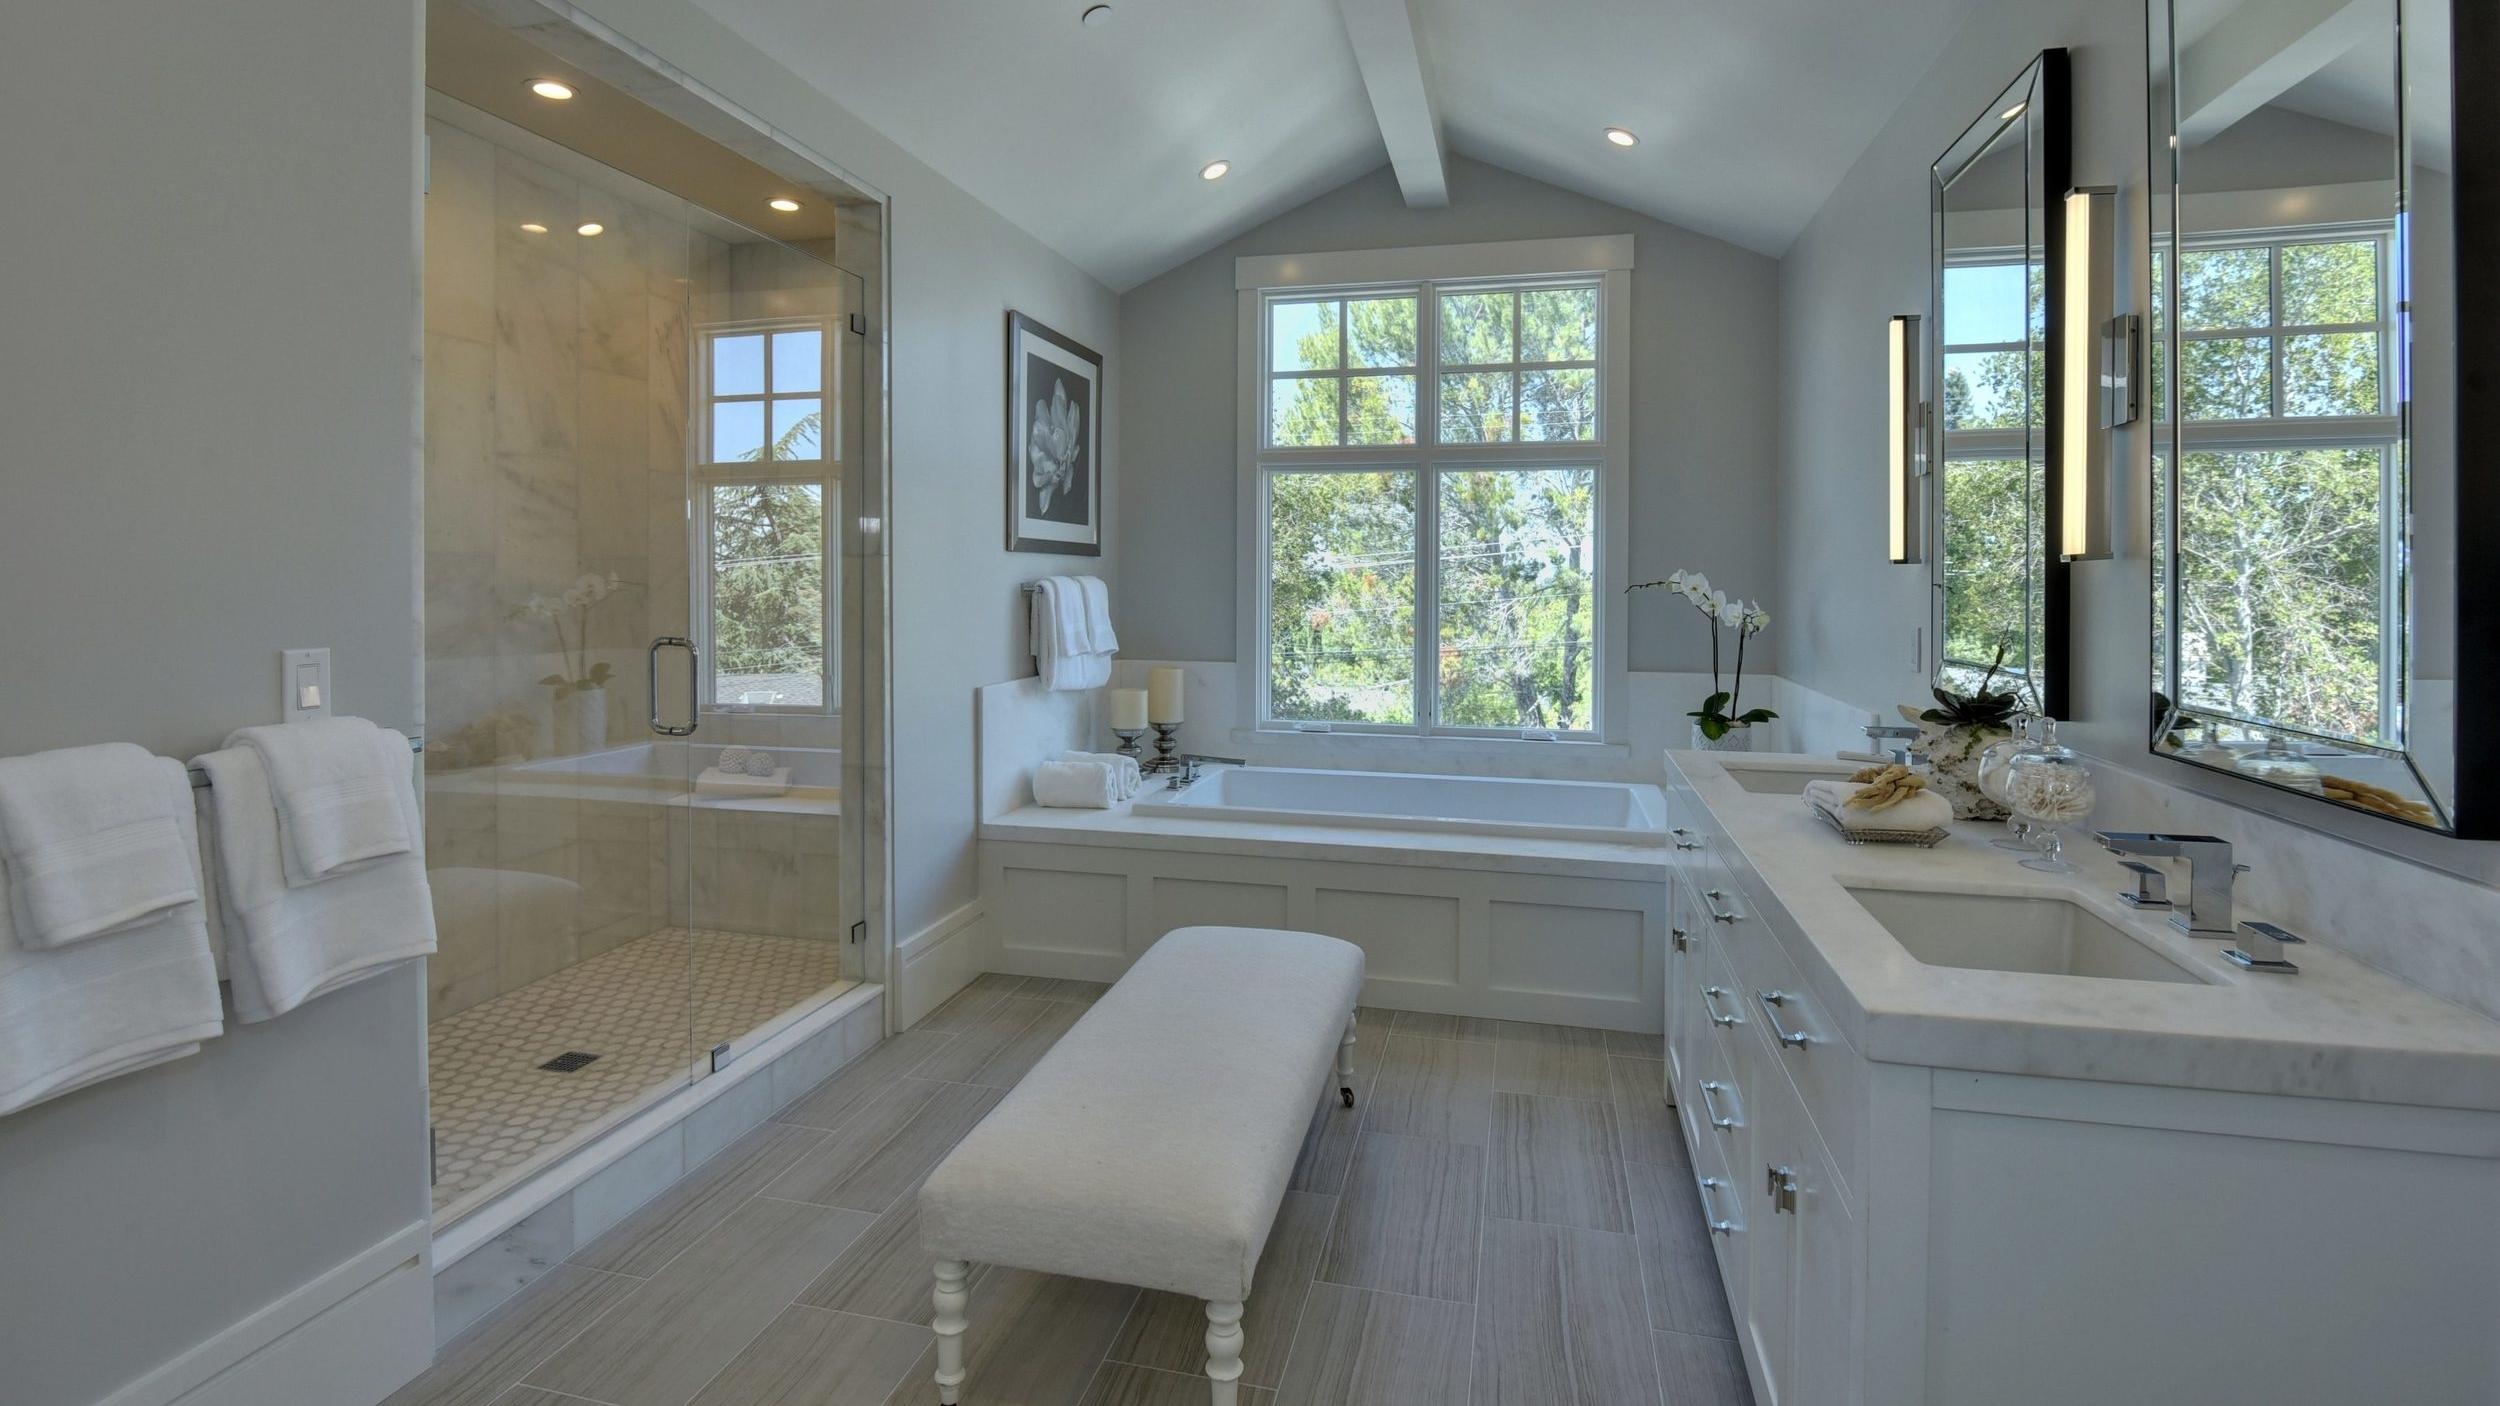 147 Hillside Ave Menlo Park CA-print-021-Master Bedroom Bathroom-3667x2440-300dpi.jpg